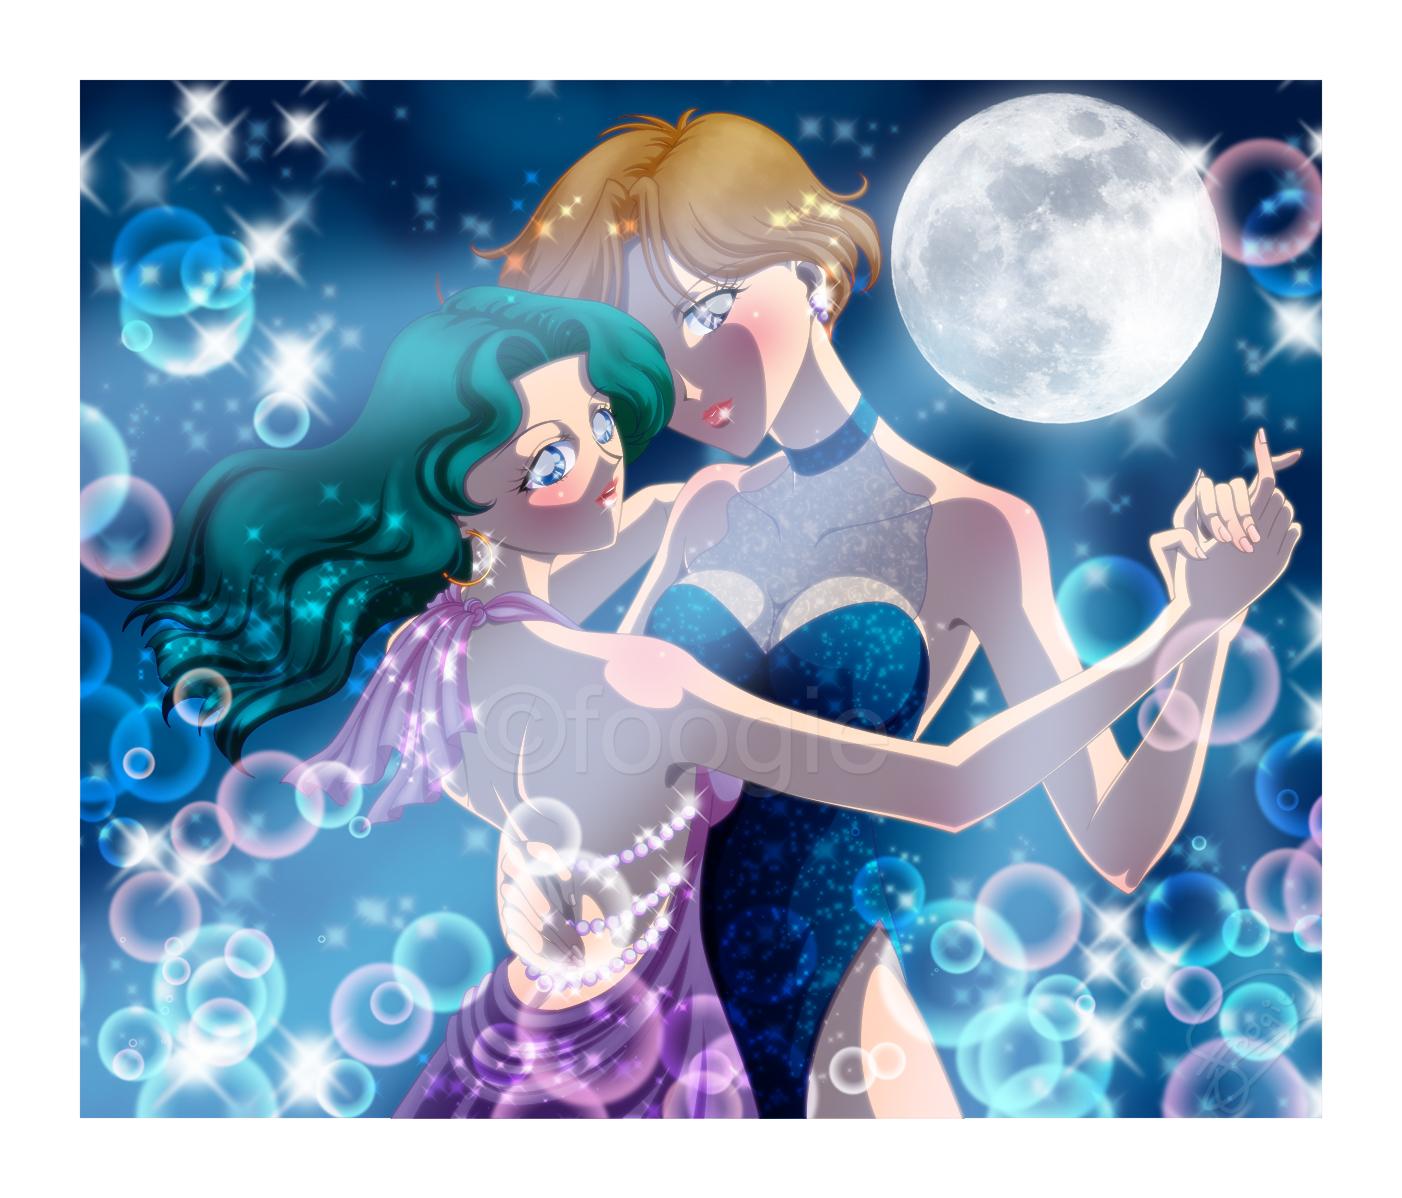 Haruka And Michiru By Foogie On DeviantArt